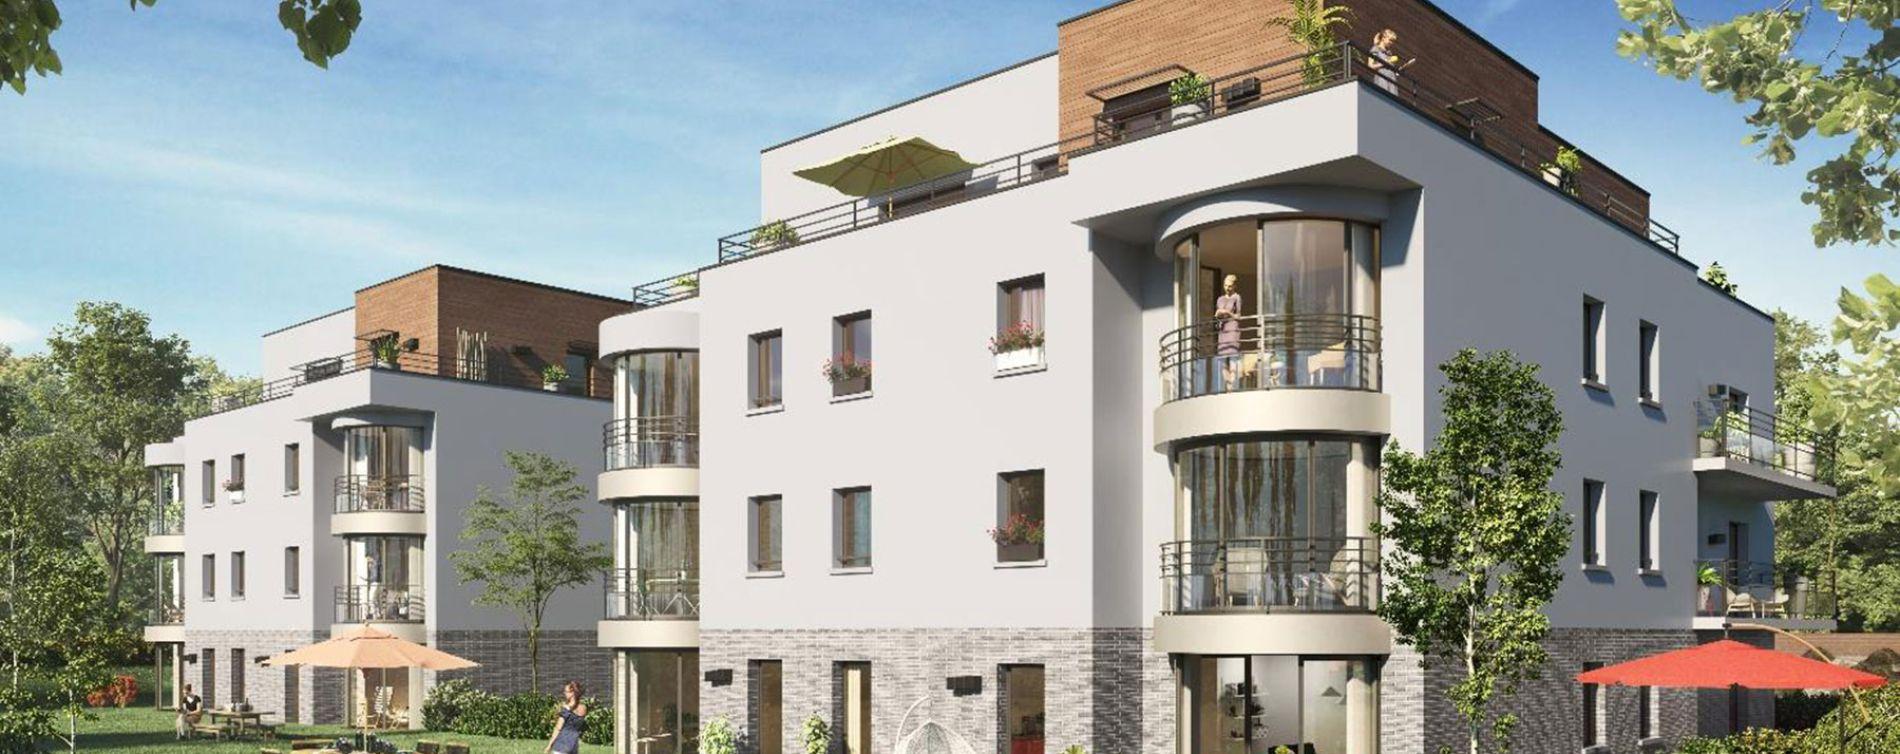 Amiens : programme immobilier neuve « Arborea » en Loi Pinel